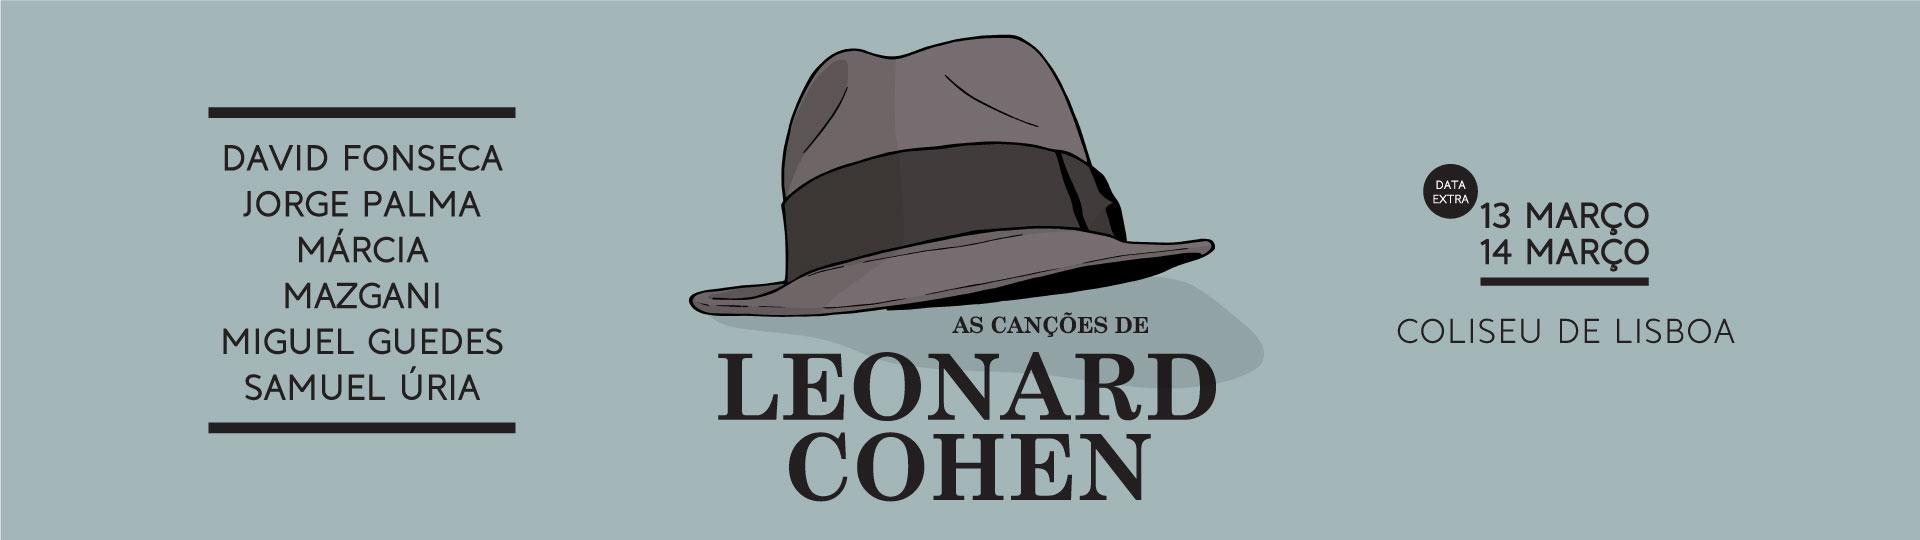 CANÇÕES DE LEONARD COHEN